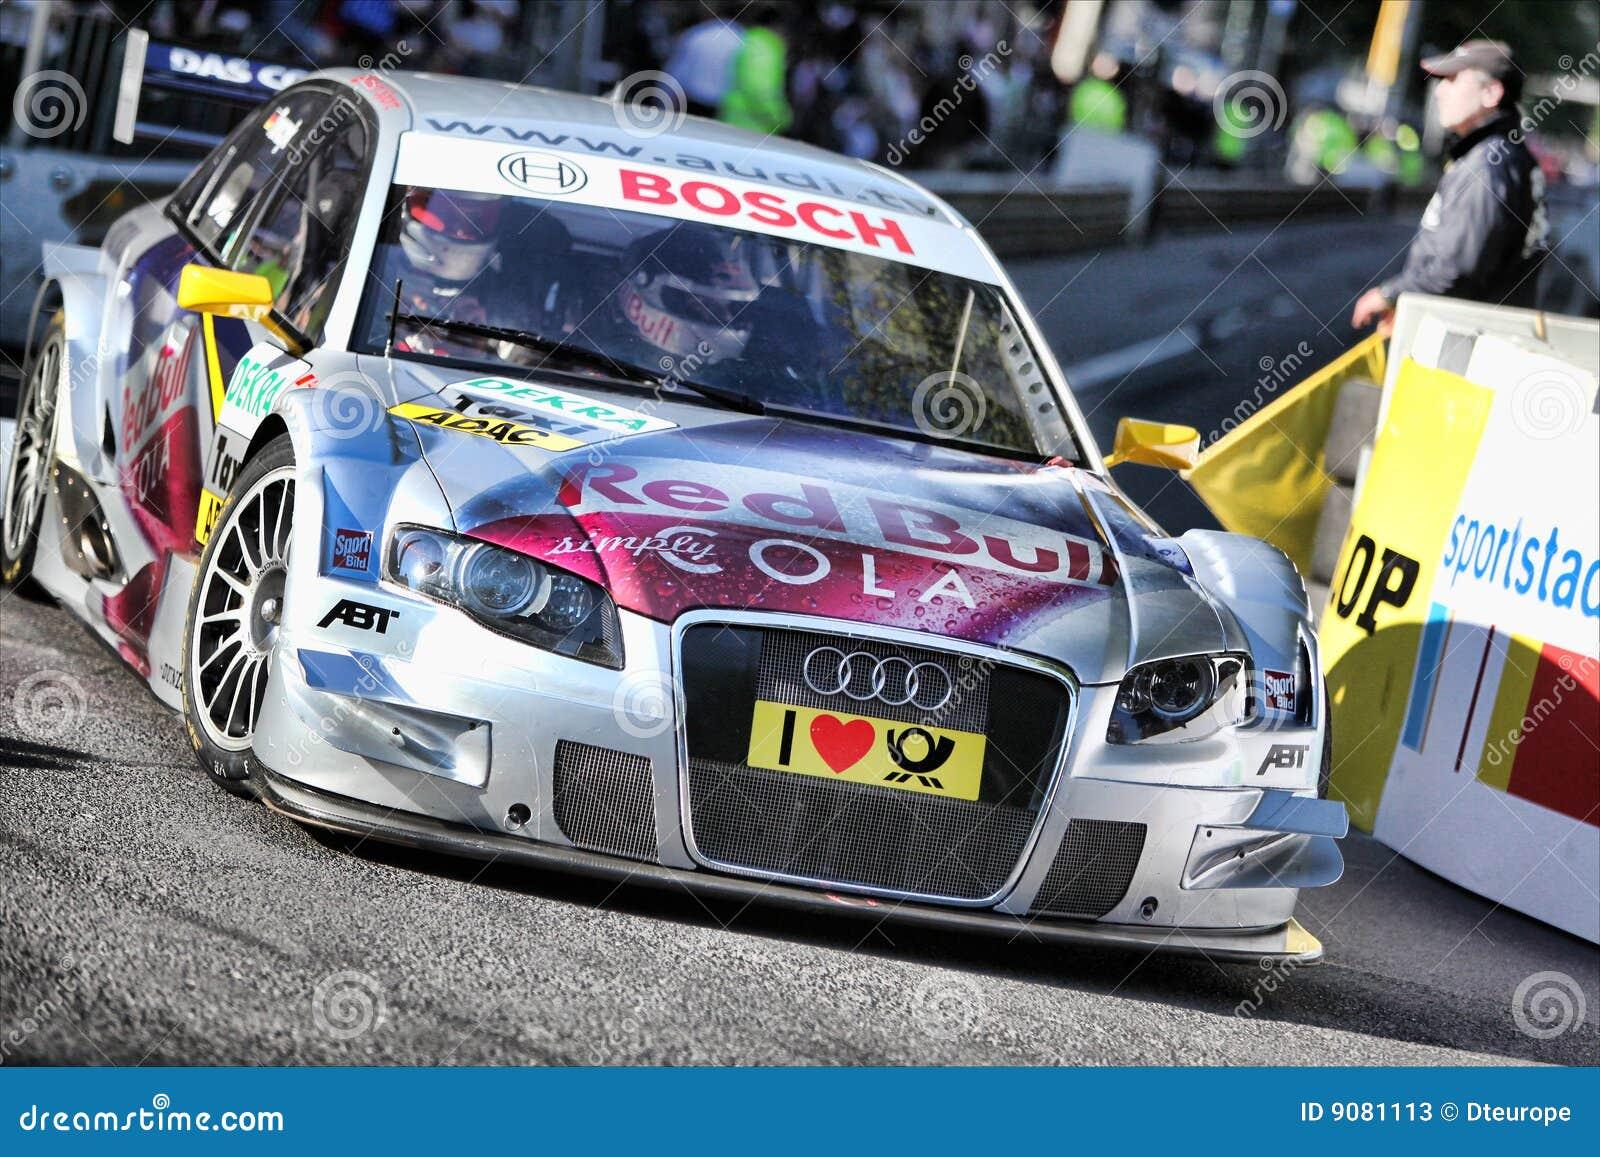 DTM Reisen-Auto - Audi A4